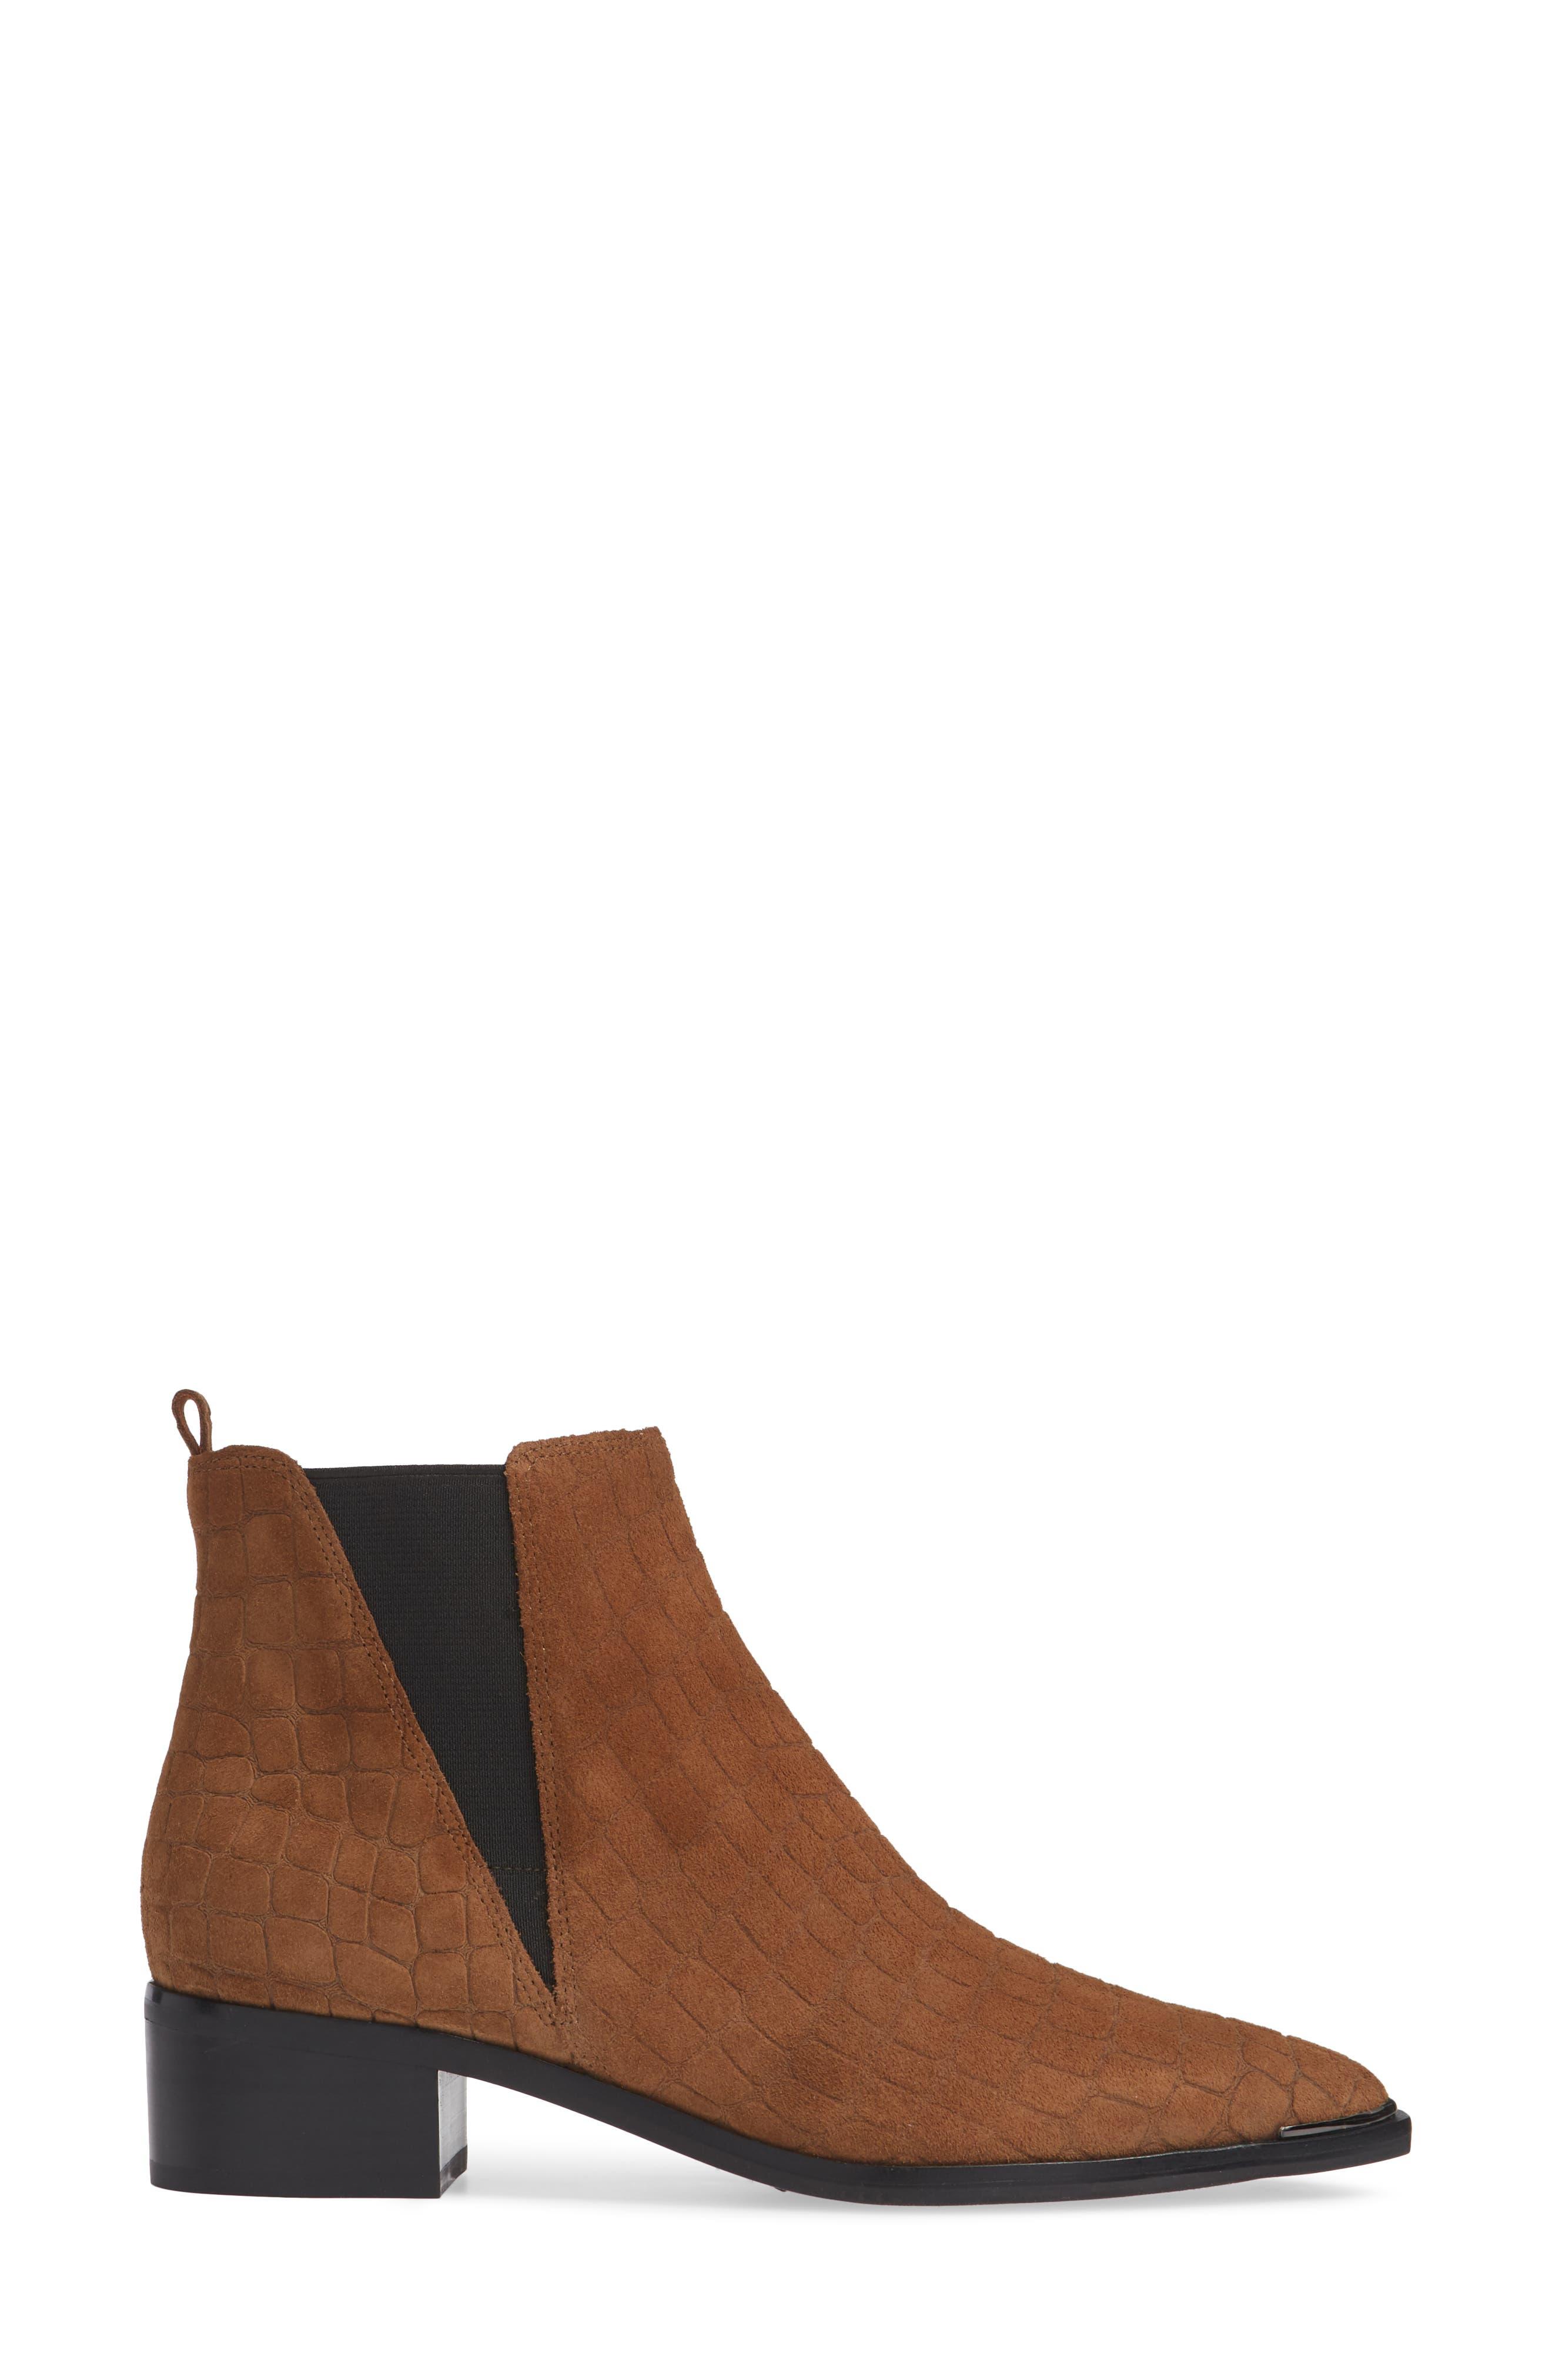 'Yale' Chelsea Boot,                             Alternate thumbnail 5, color,                             Cognac Suede